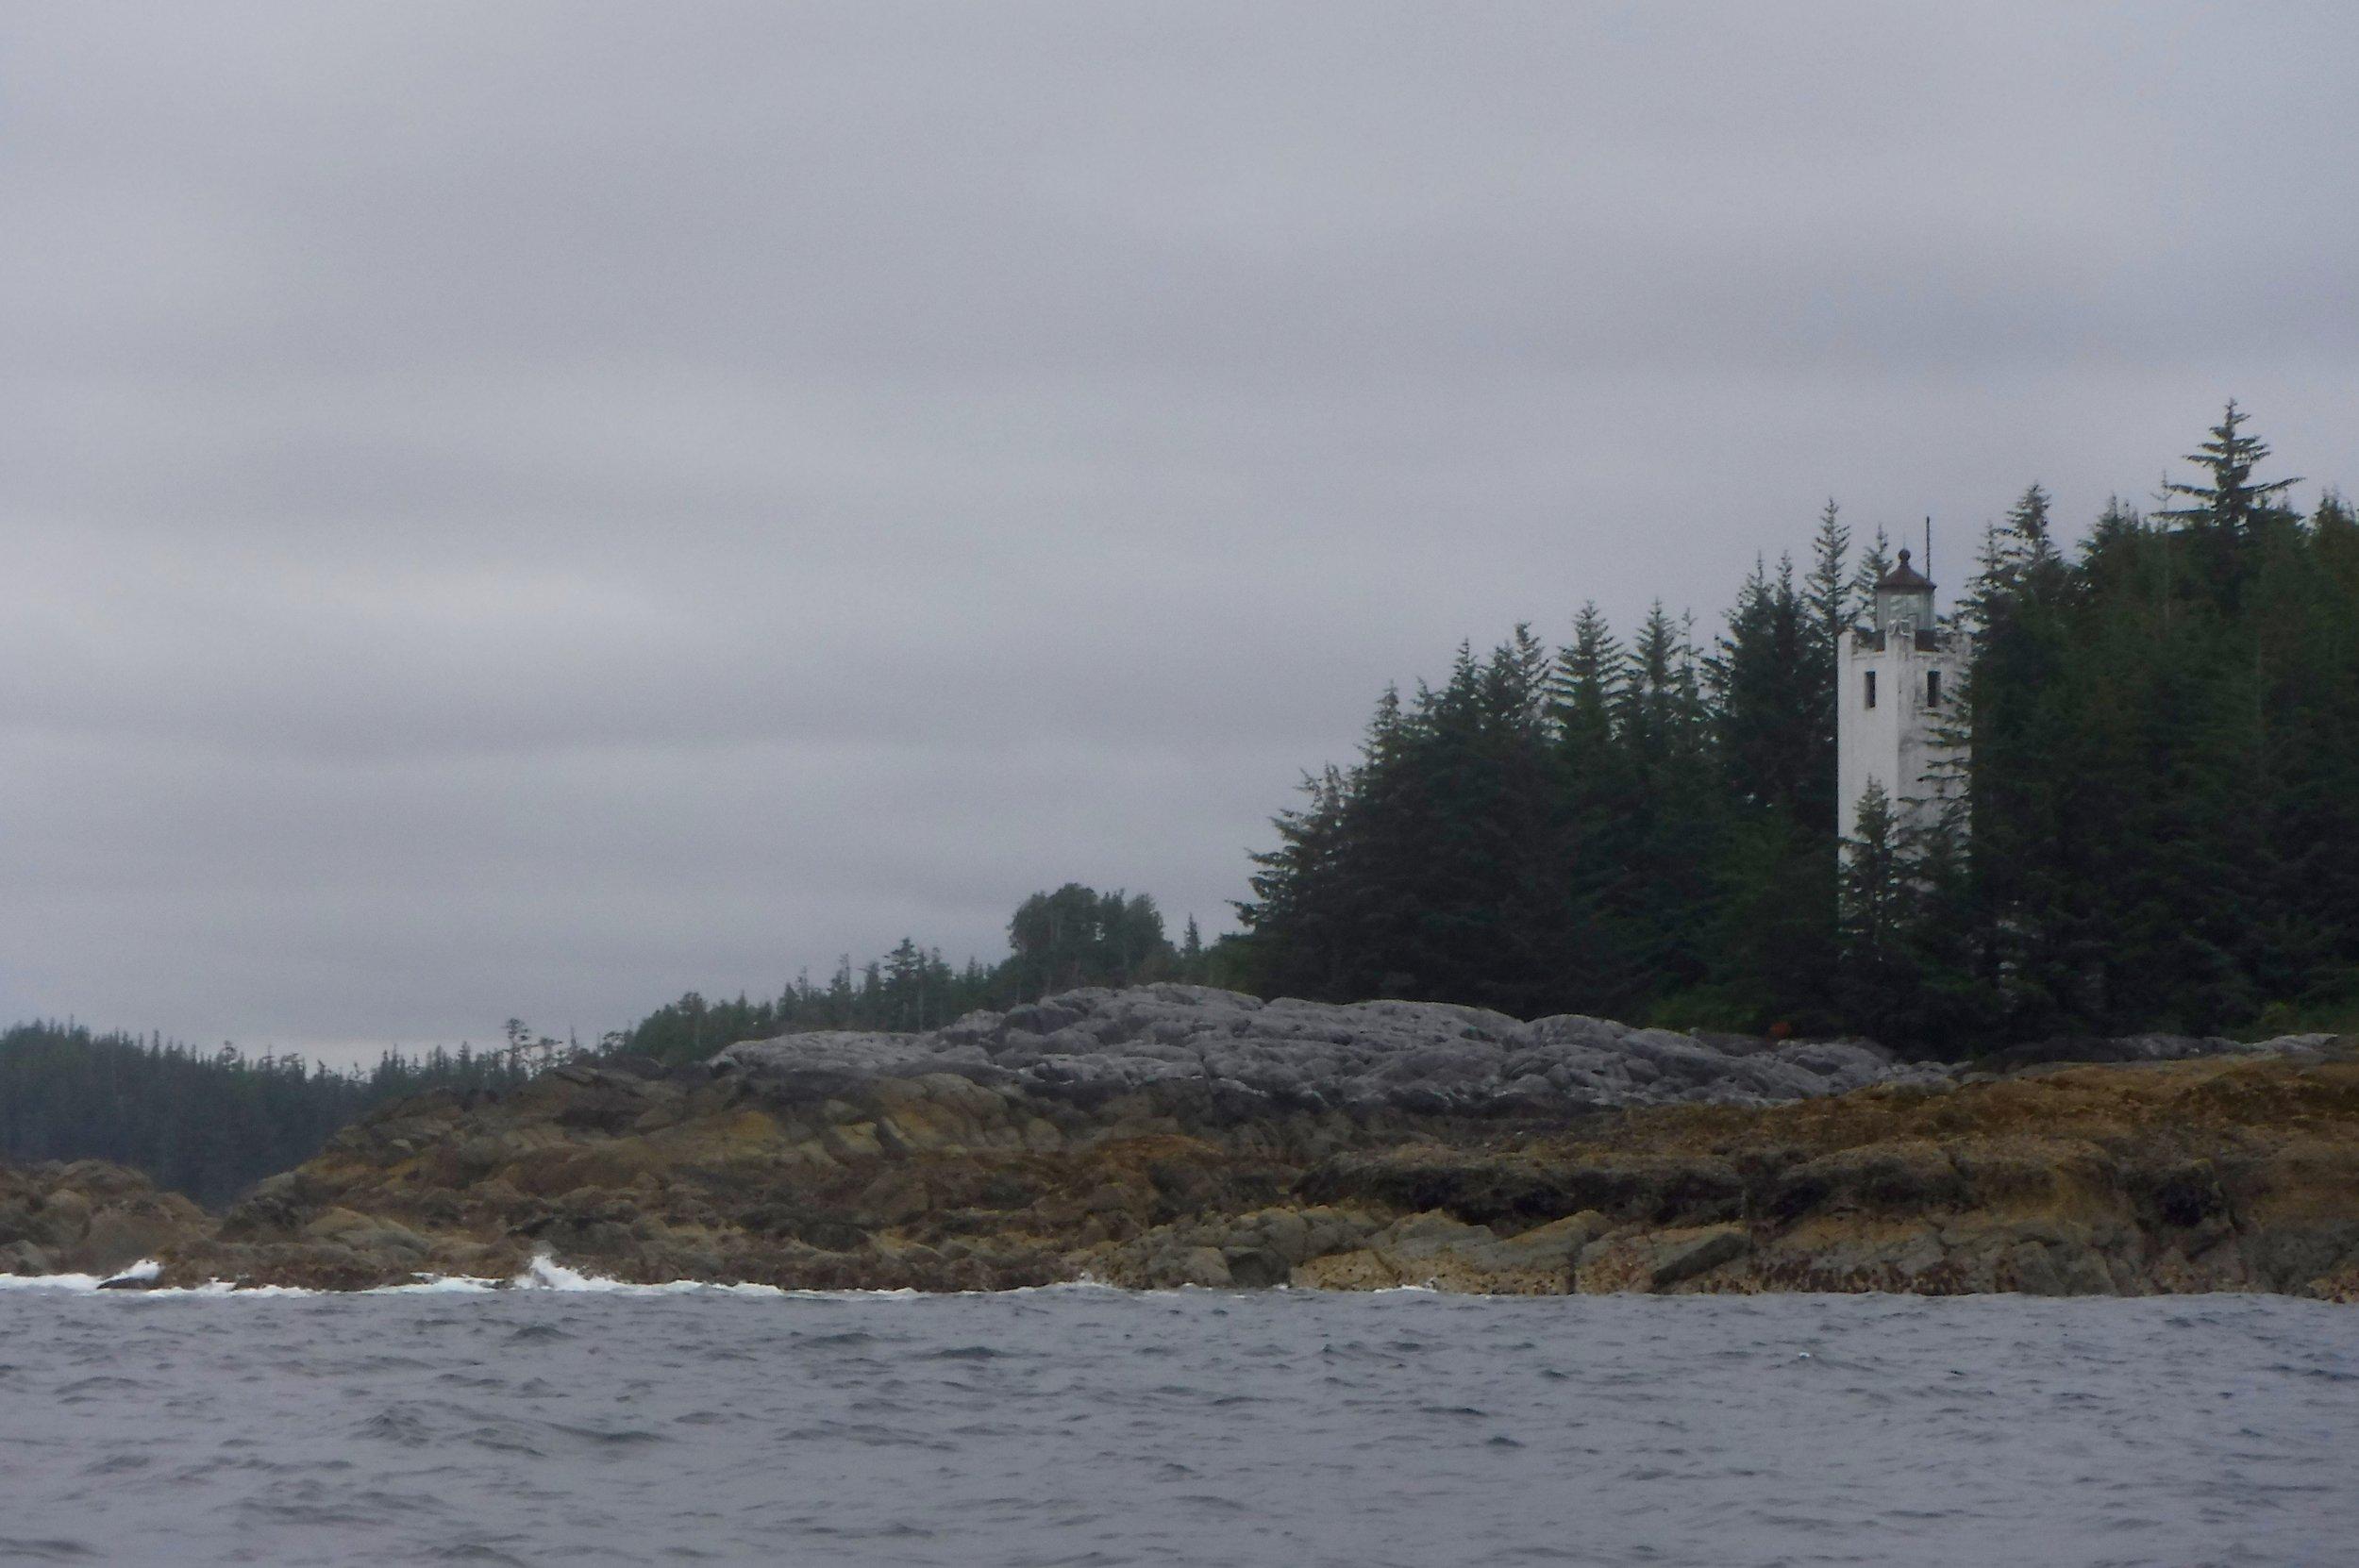 An Alaskan lighthouse